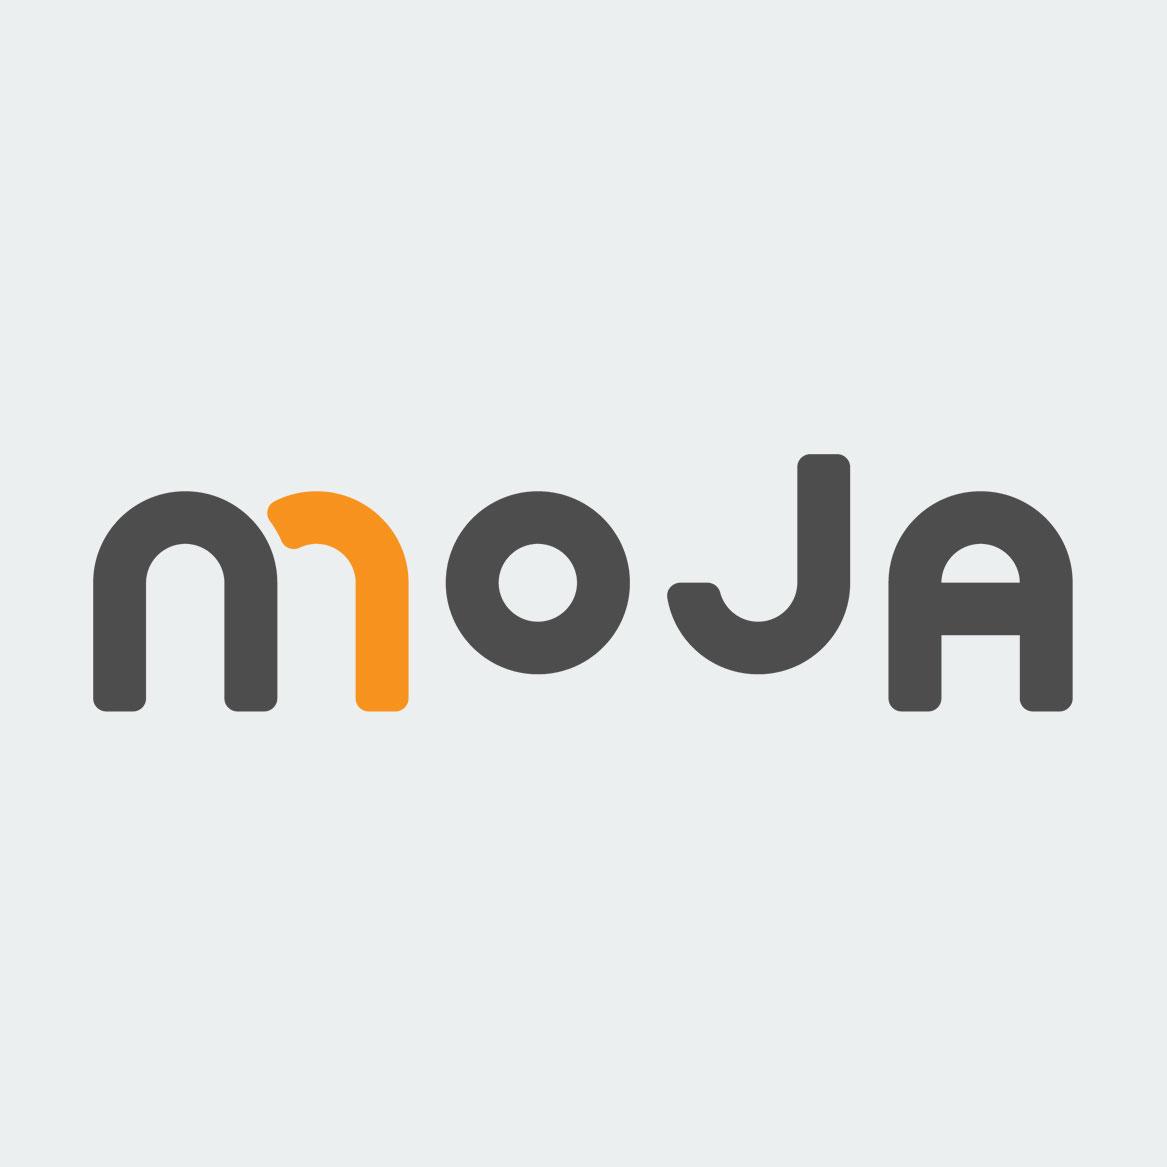 Giới thiệu về dịch vụ của công ty Moja